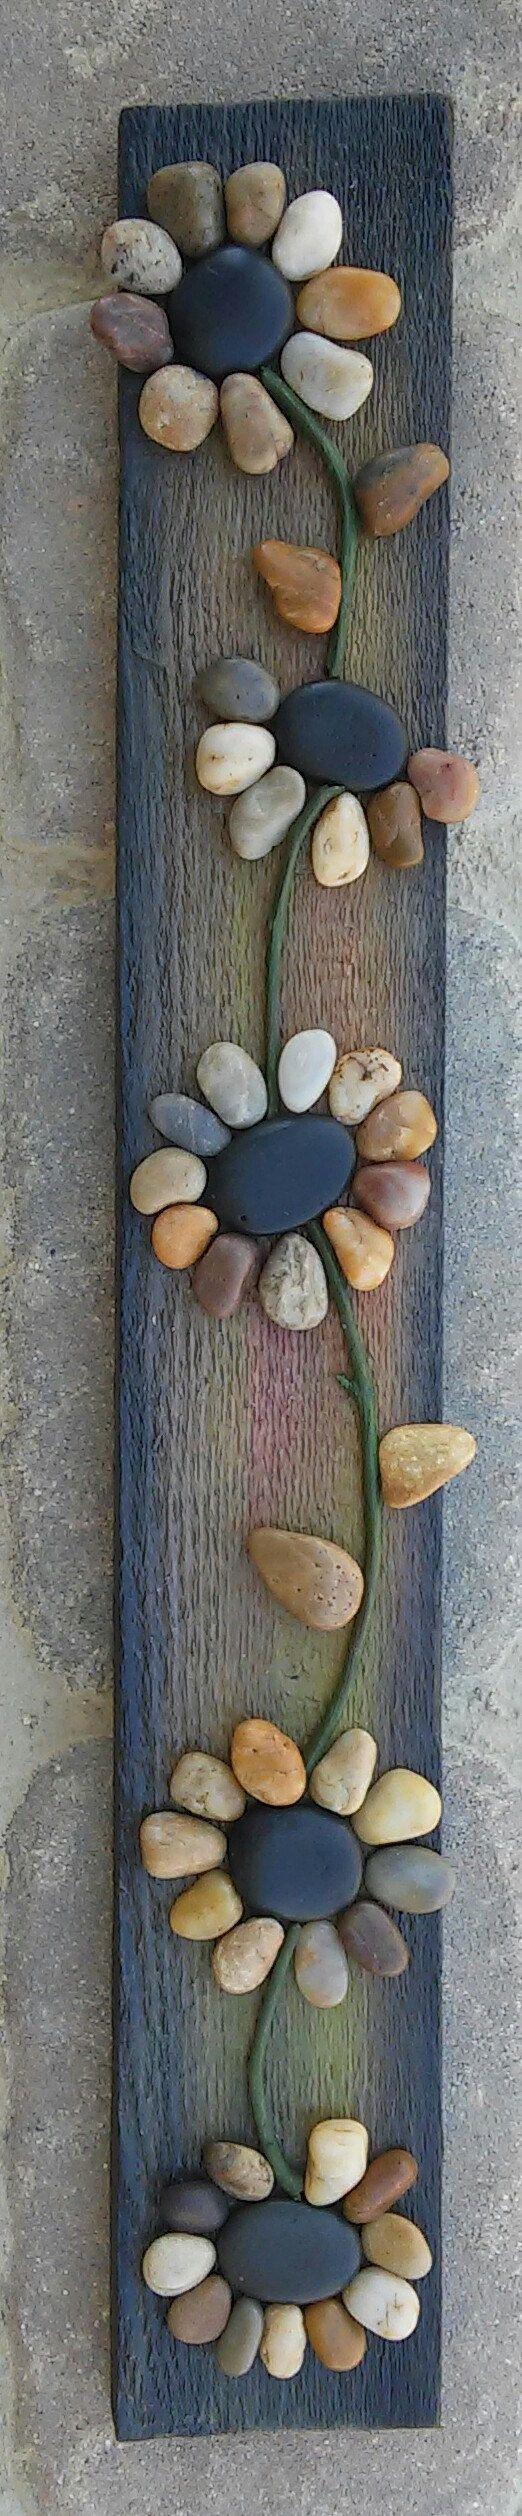 Arte De Piedra Cadena De Arte Rupestre De Por Crawfordbunch  # Muebles Cadena Flores